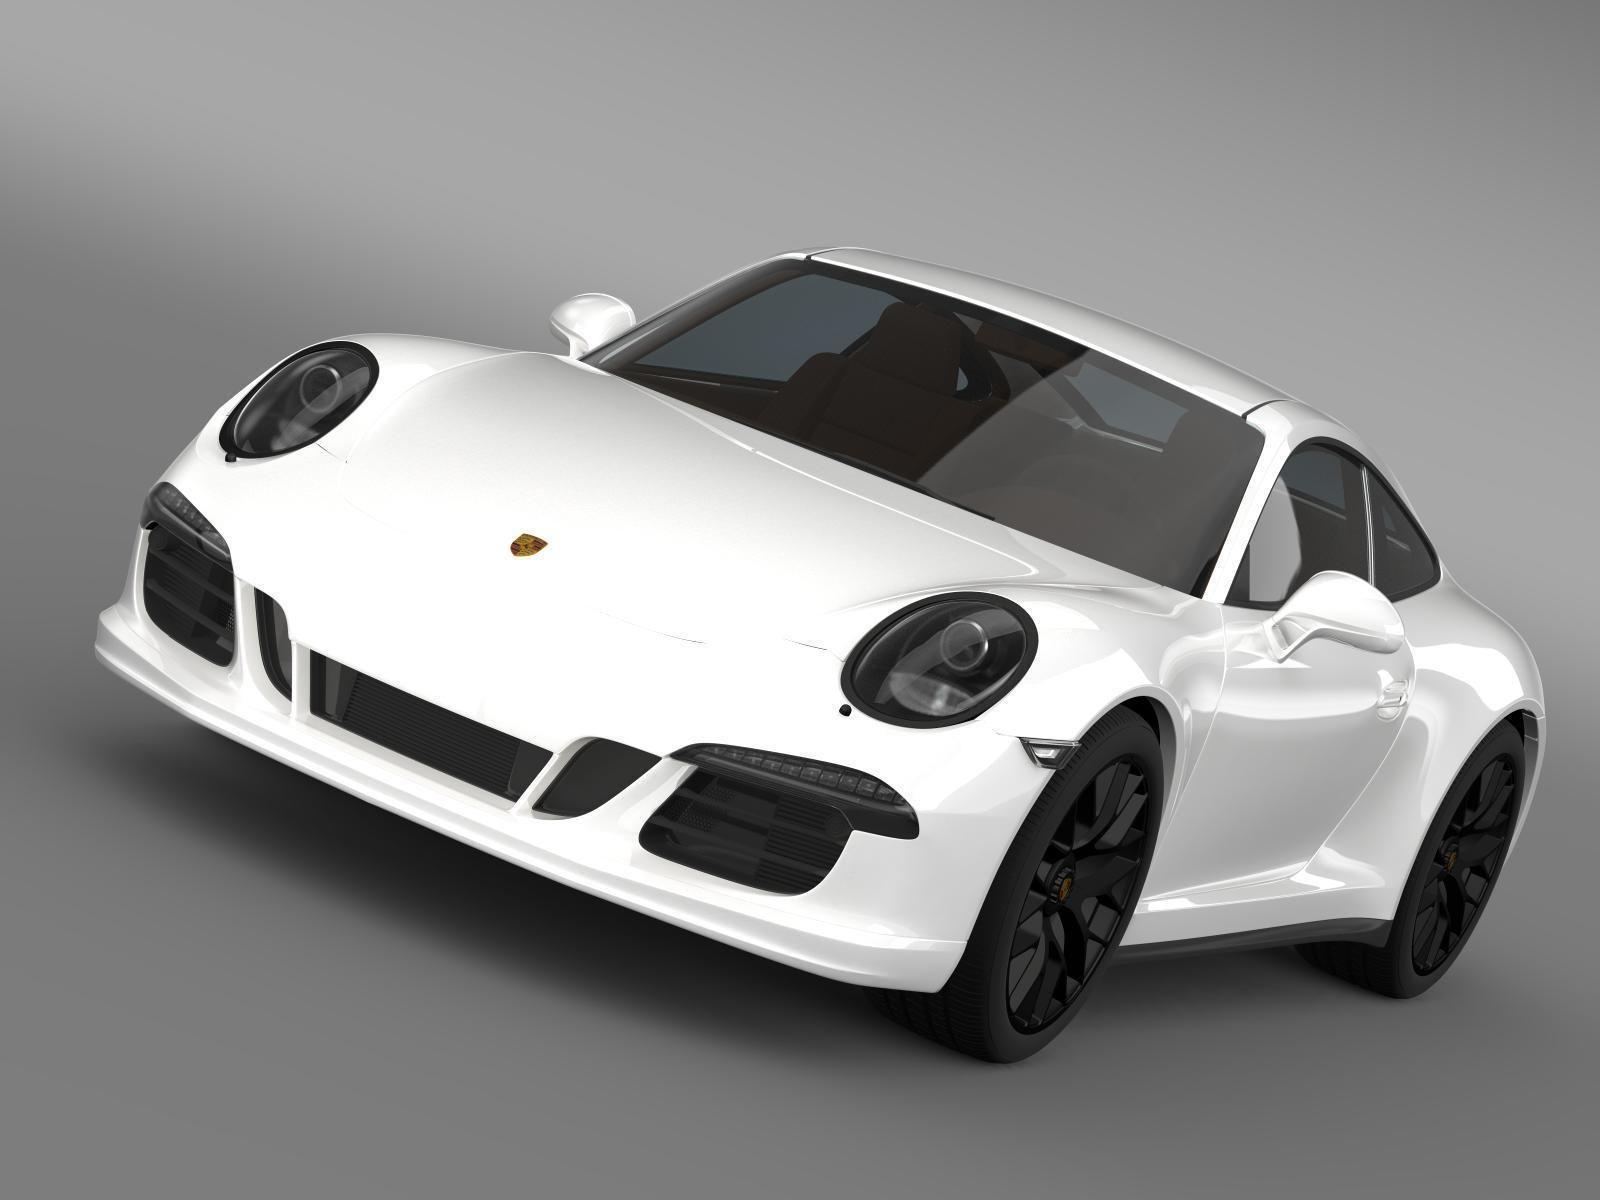 porsche 911 carrera gts coupe 991 2015 3d model max obj 3ds fbx c4d lwo lw - 911 Porsche 2015 White